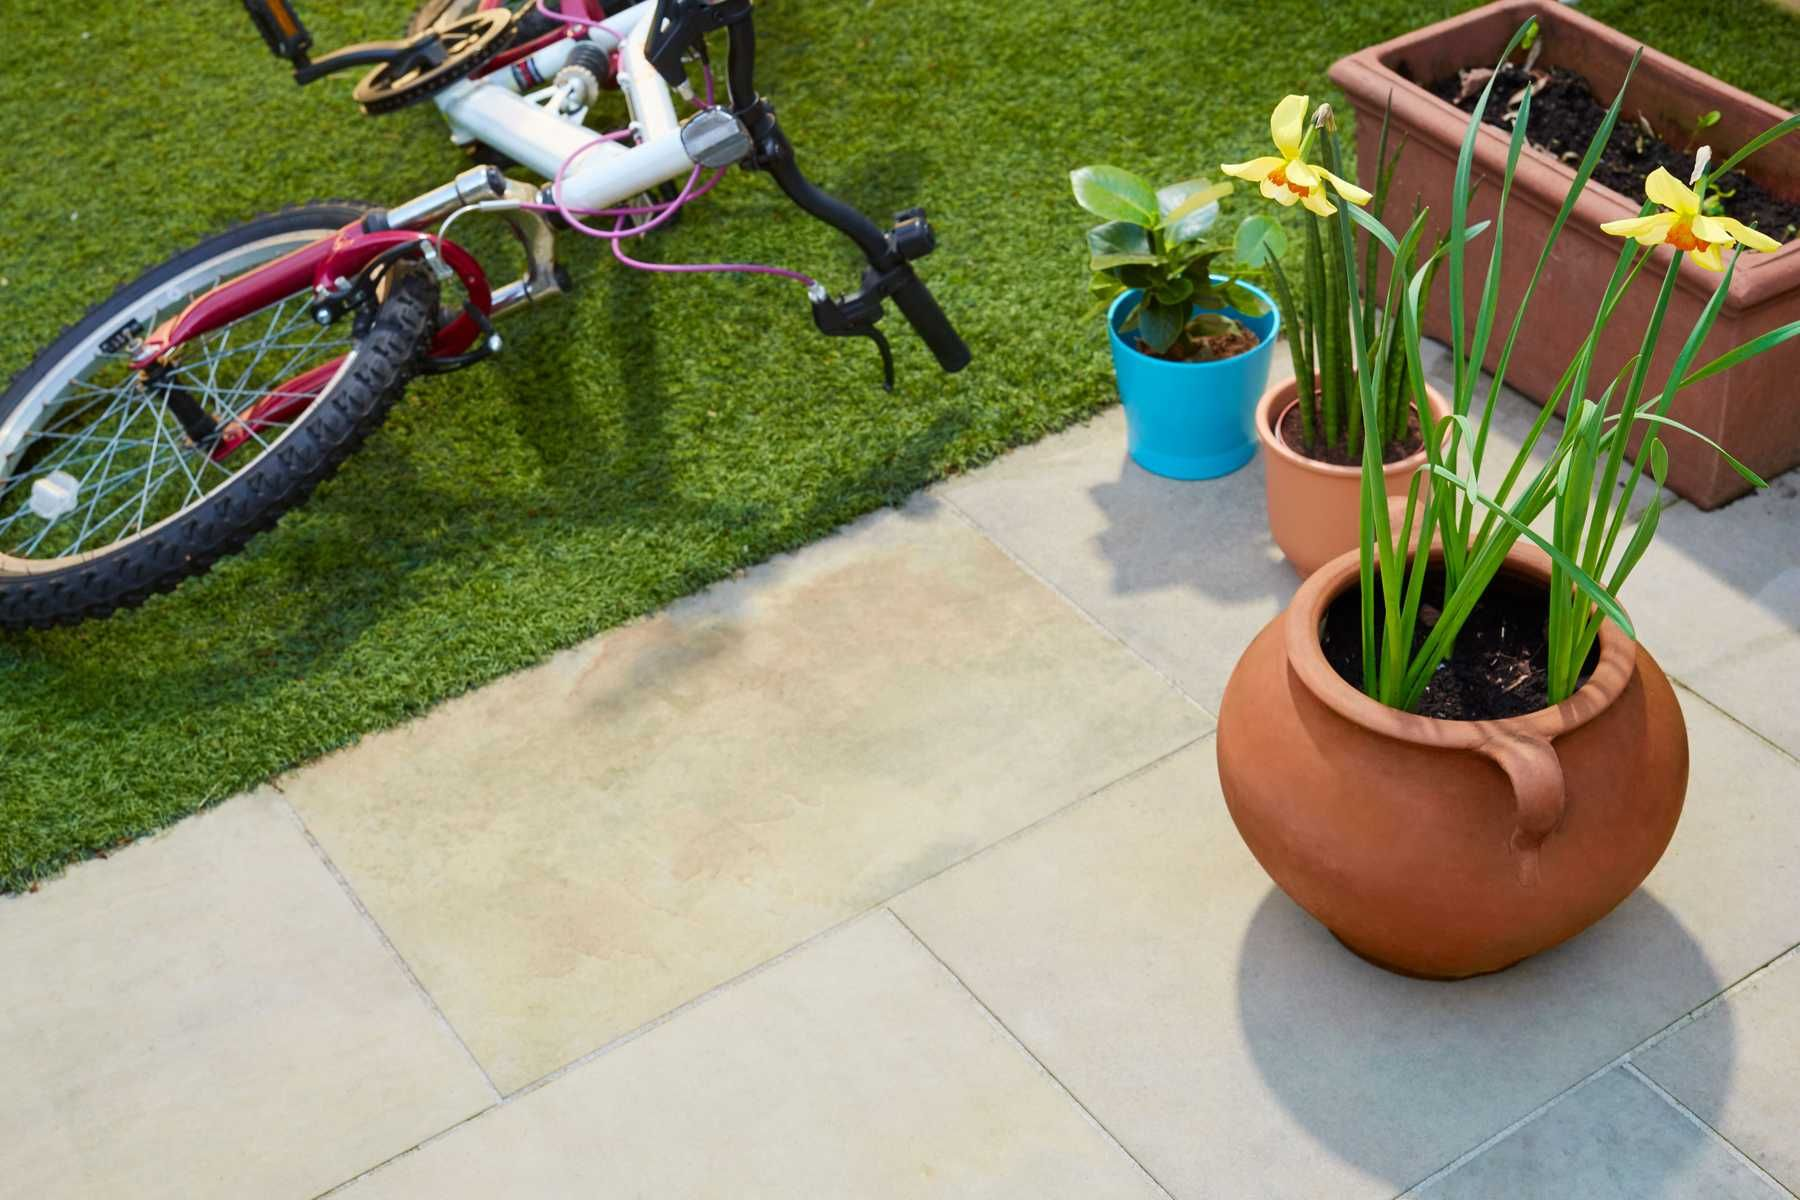 9-ideias-criativas-de-decoracao-com-paletes-para-o-jardim